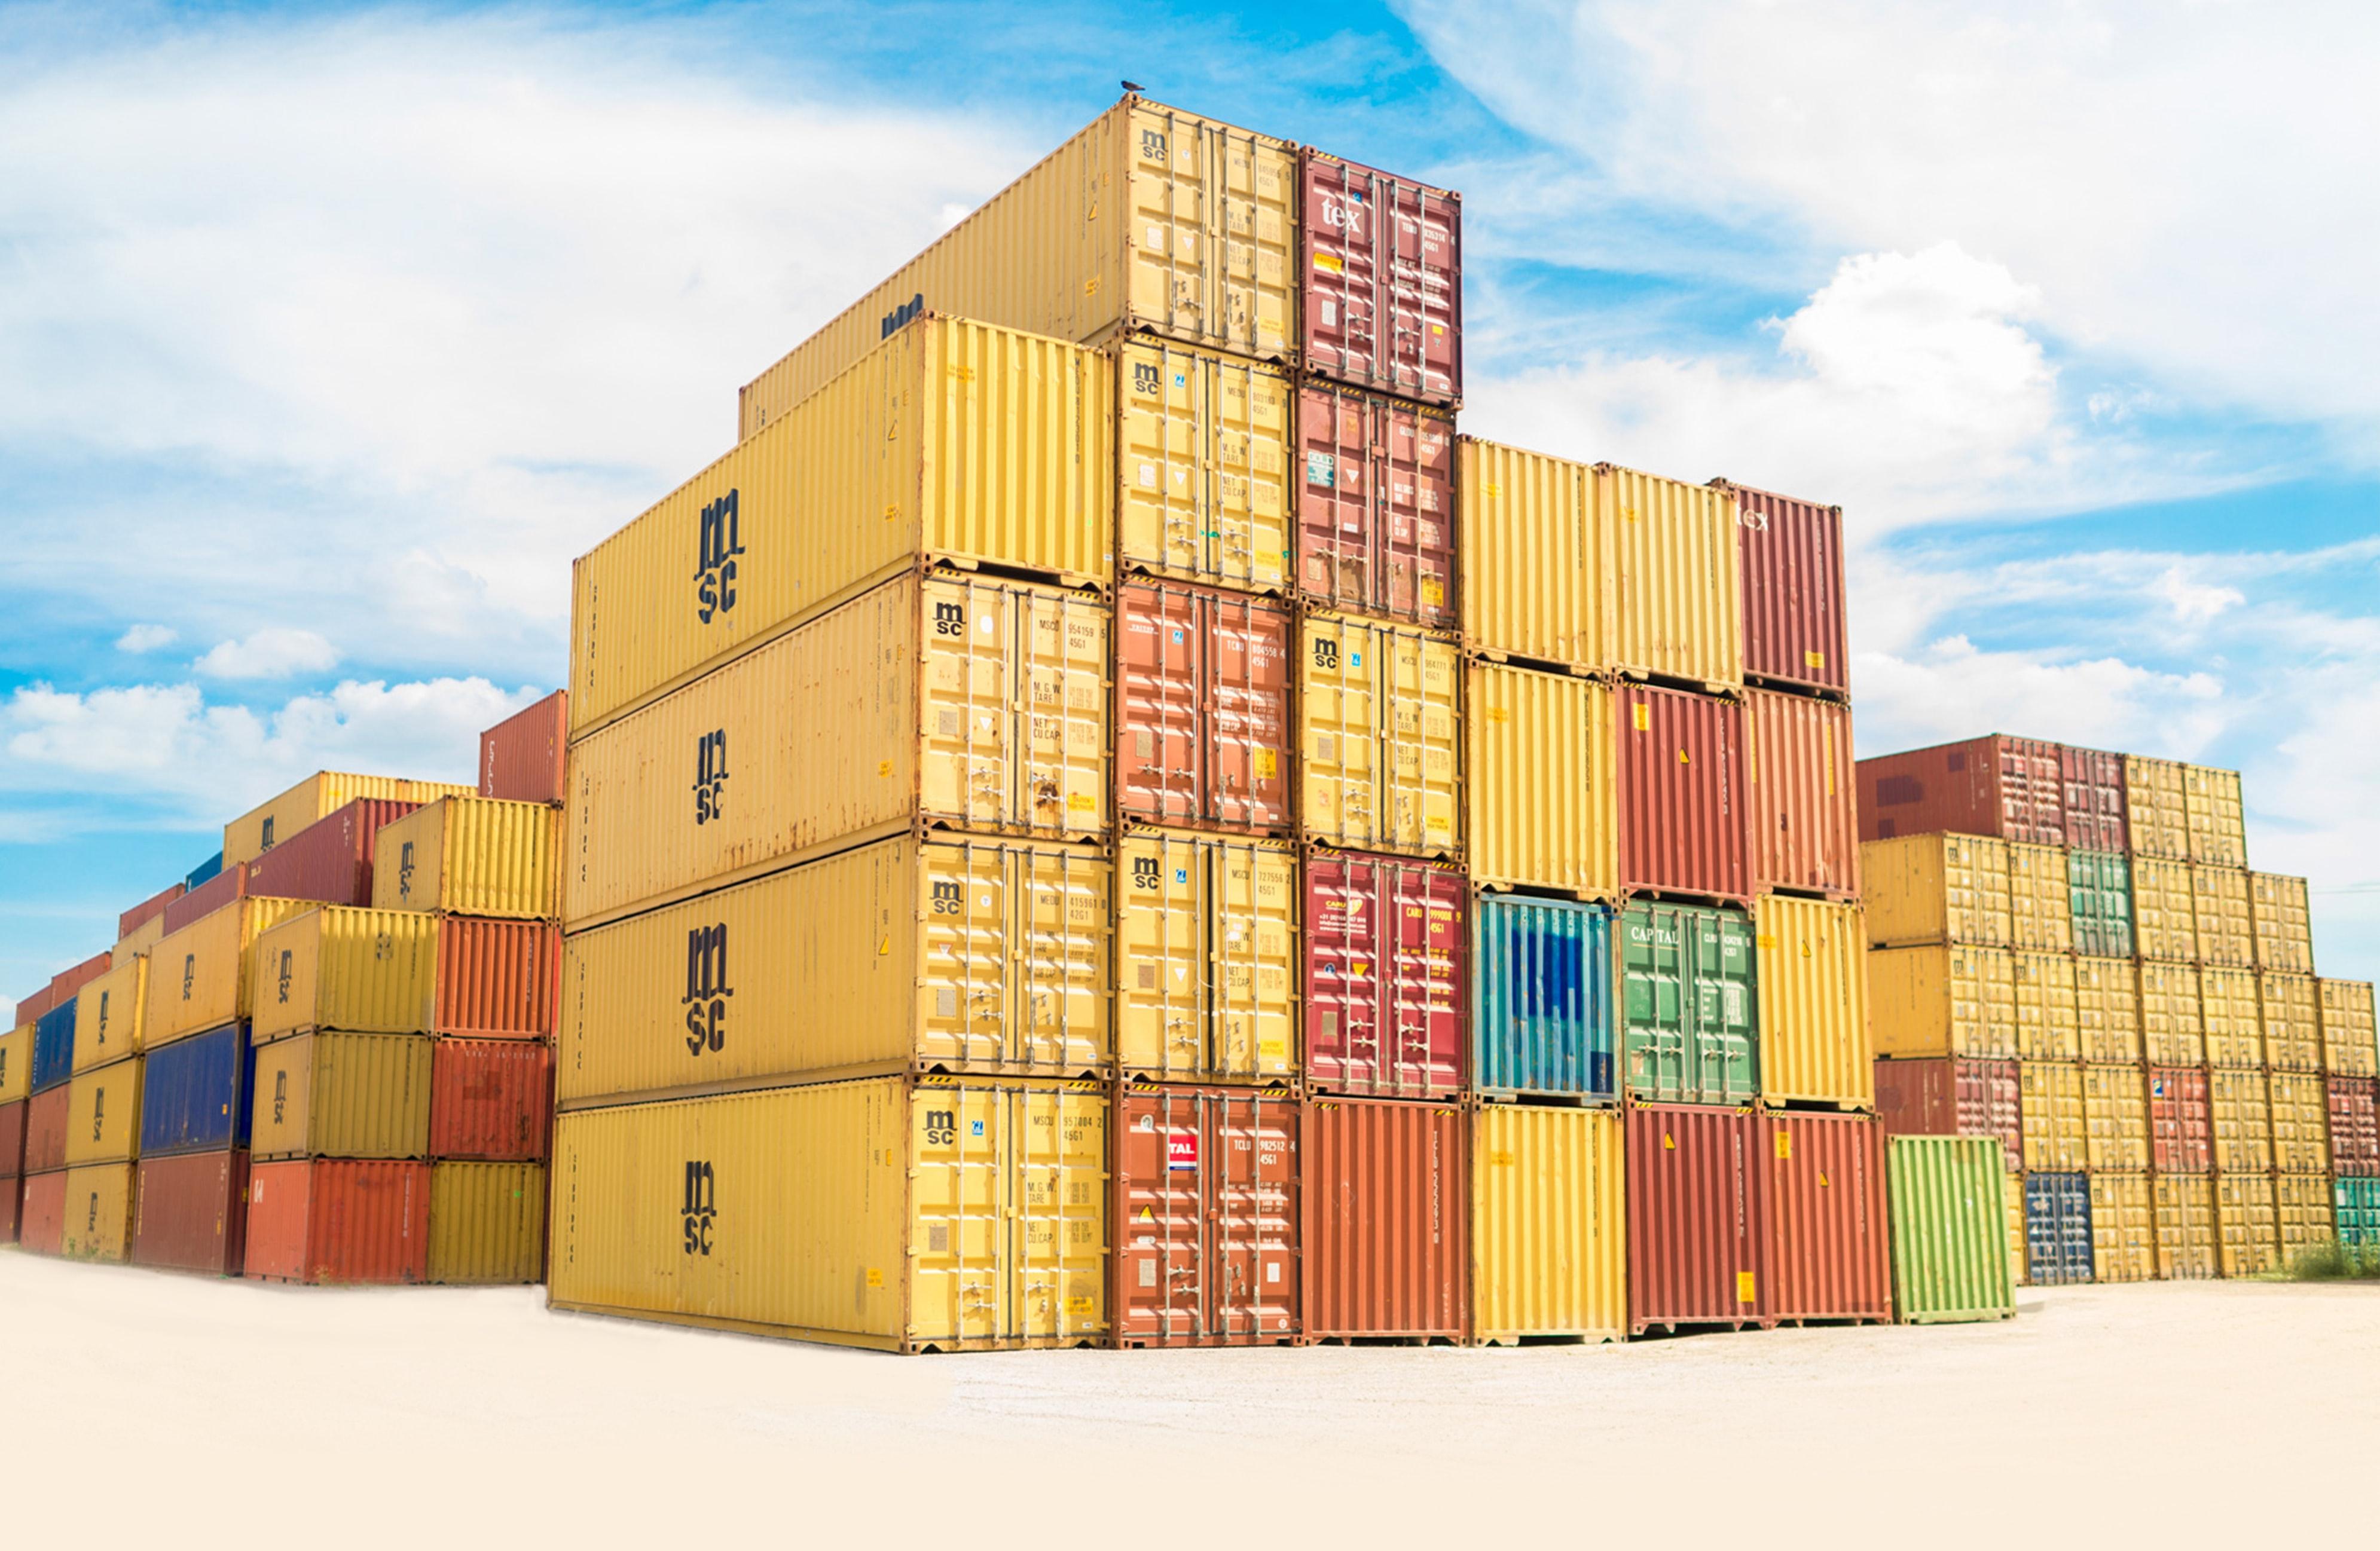 Een foto van opslagcontainers